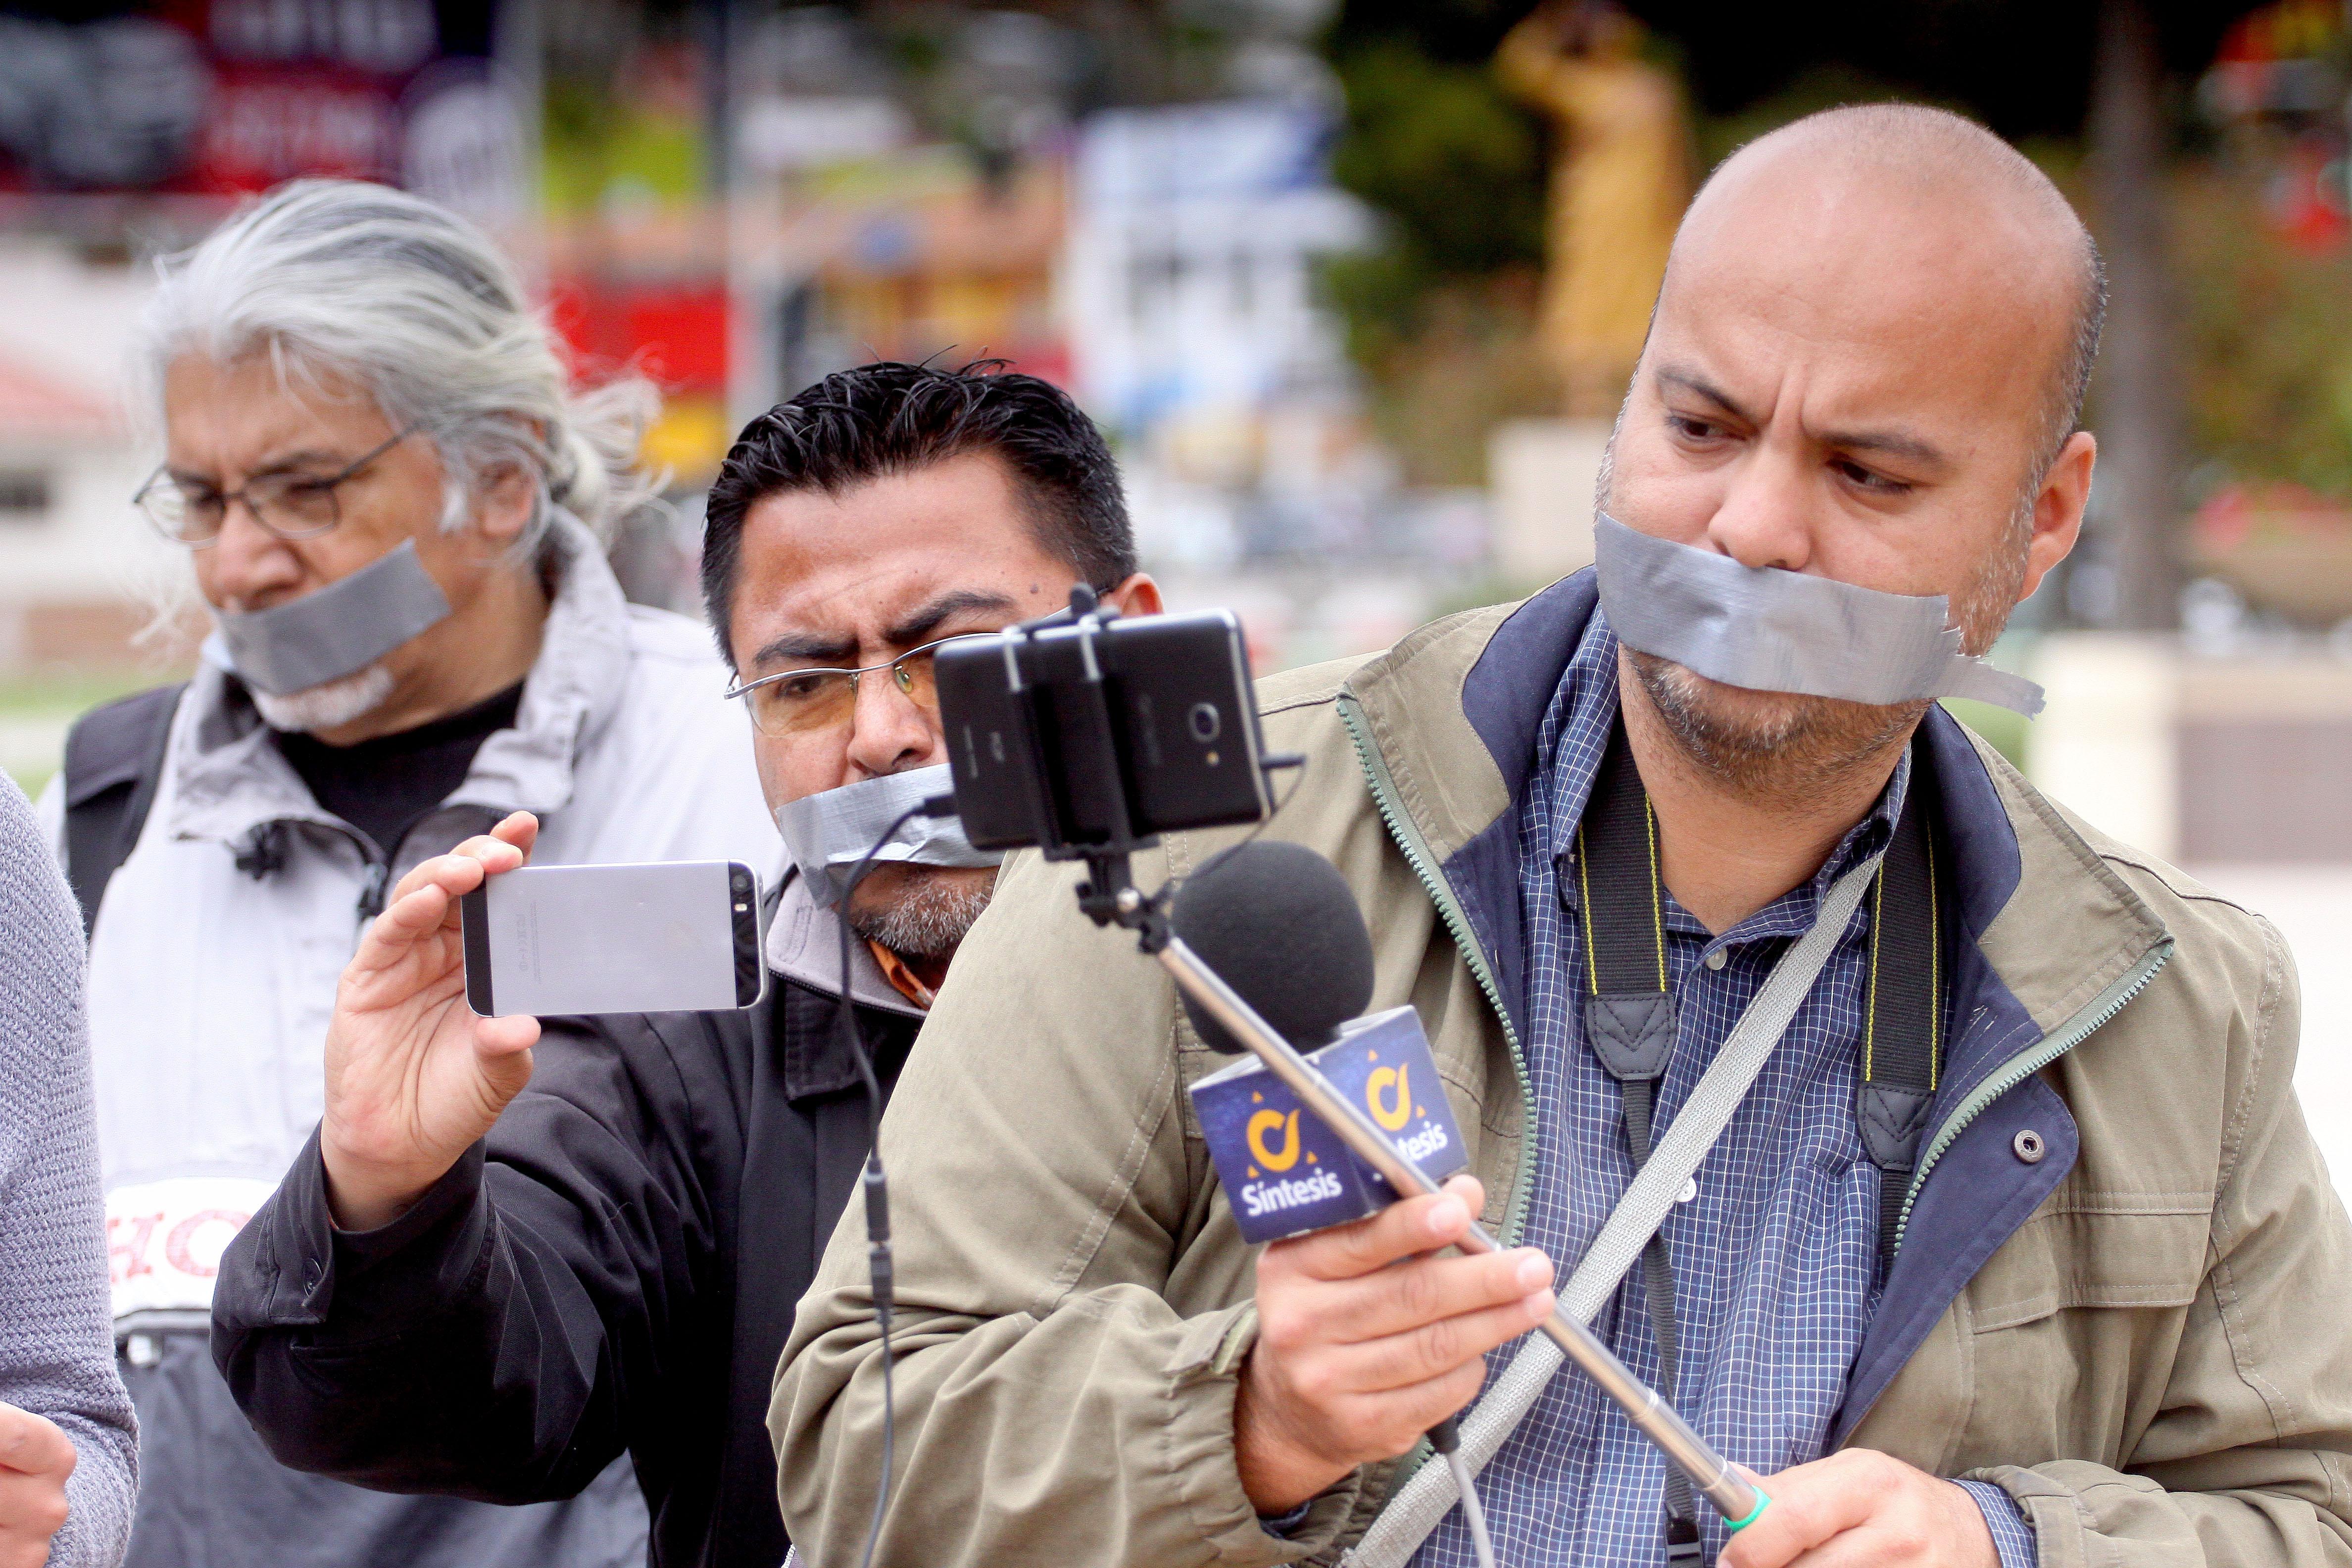 Periodistes mexicans cobreixen la seva boca amb cinta per manifestar el seu rebuig per l'assassinat de comunicadors en els darrers mesos (Mèxic). /ALEJANDRO ZEPEDA